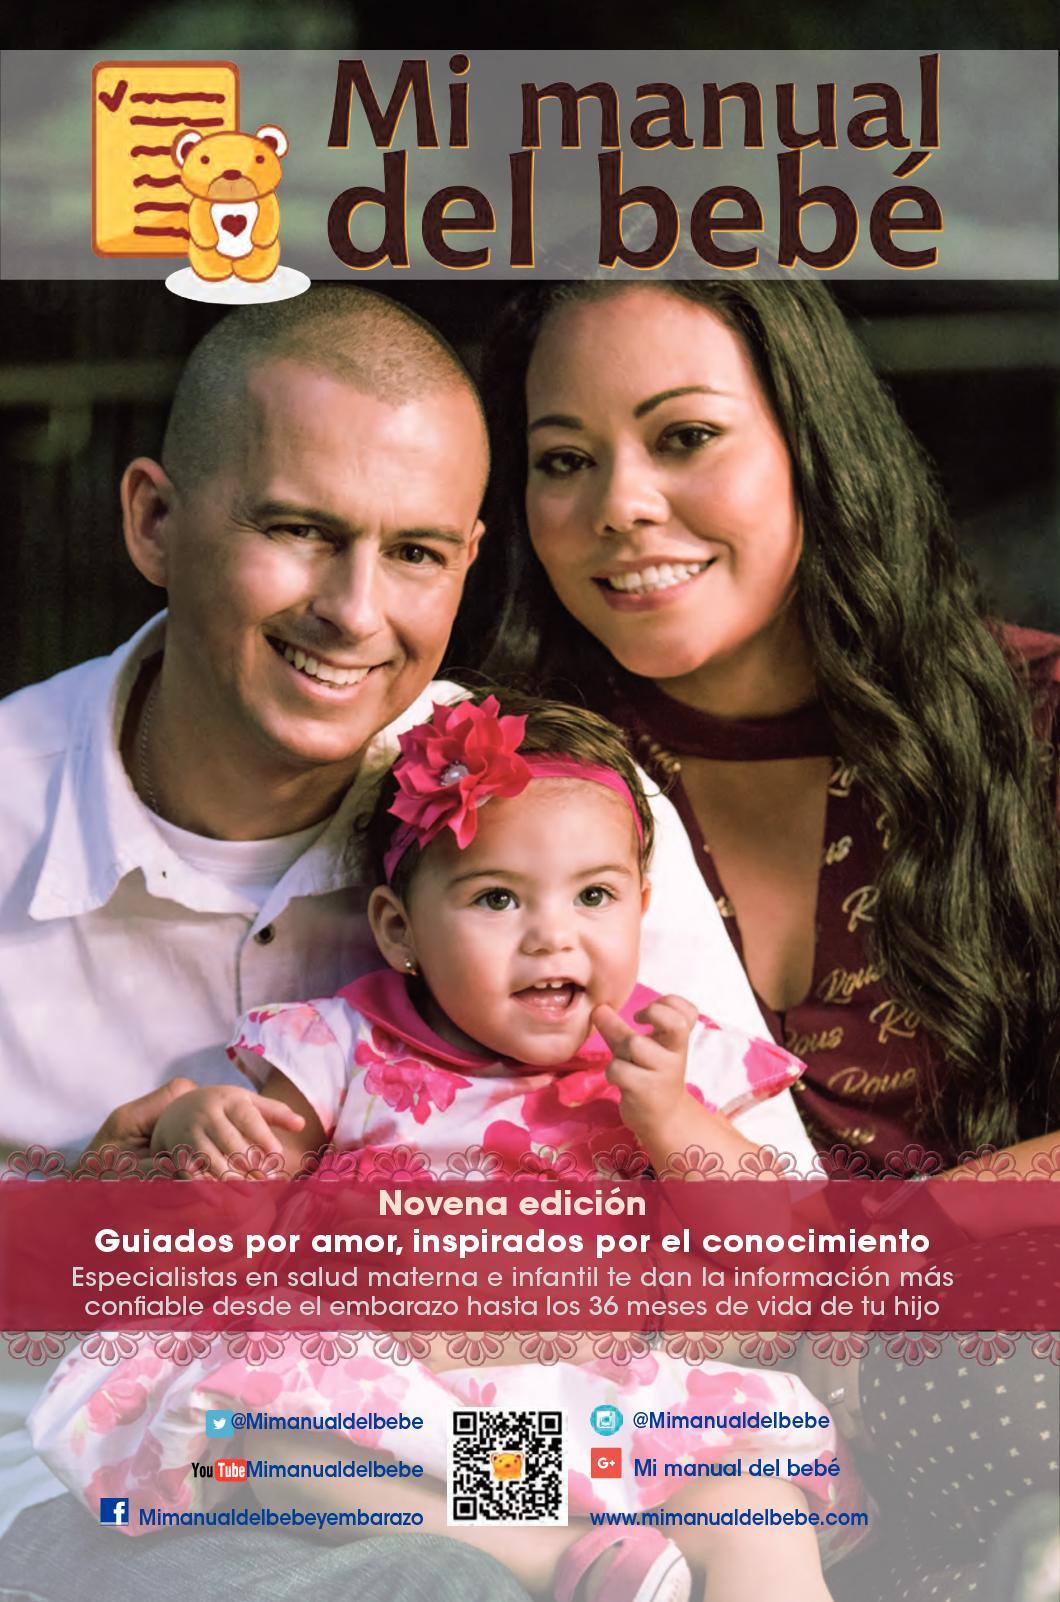 Calaméo - Mi manual del bebé (novena edición ginecólogos)